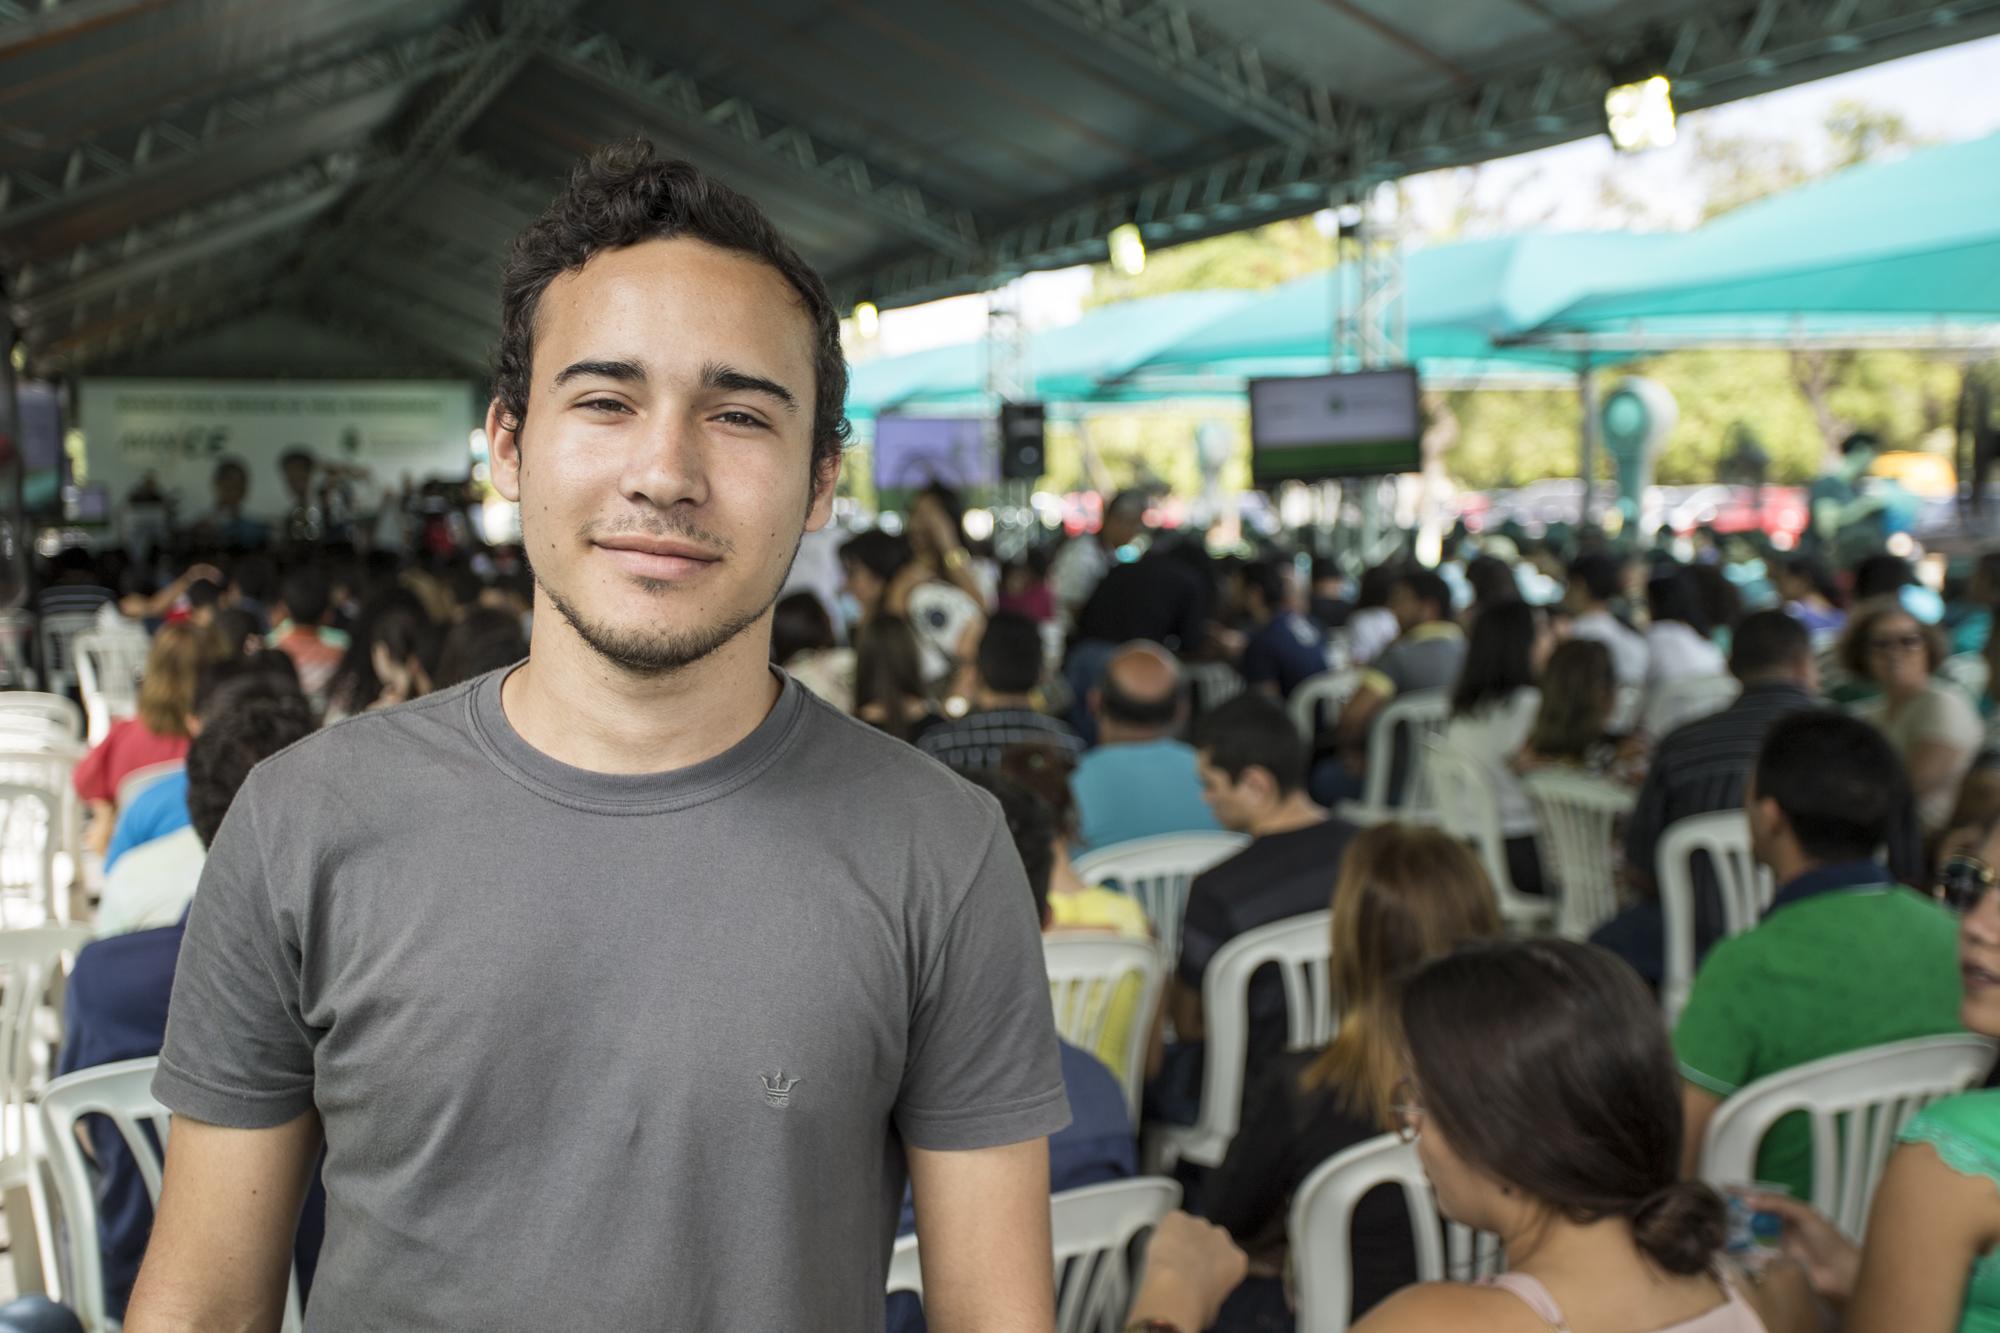 O governador Camilo Santana presidiu a solenidade, acompanhado da vice-governadora, Izolda Cela, e do secretário da Educação, Idilvan Alencar.